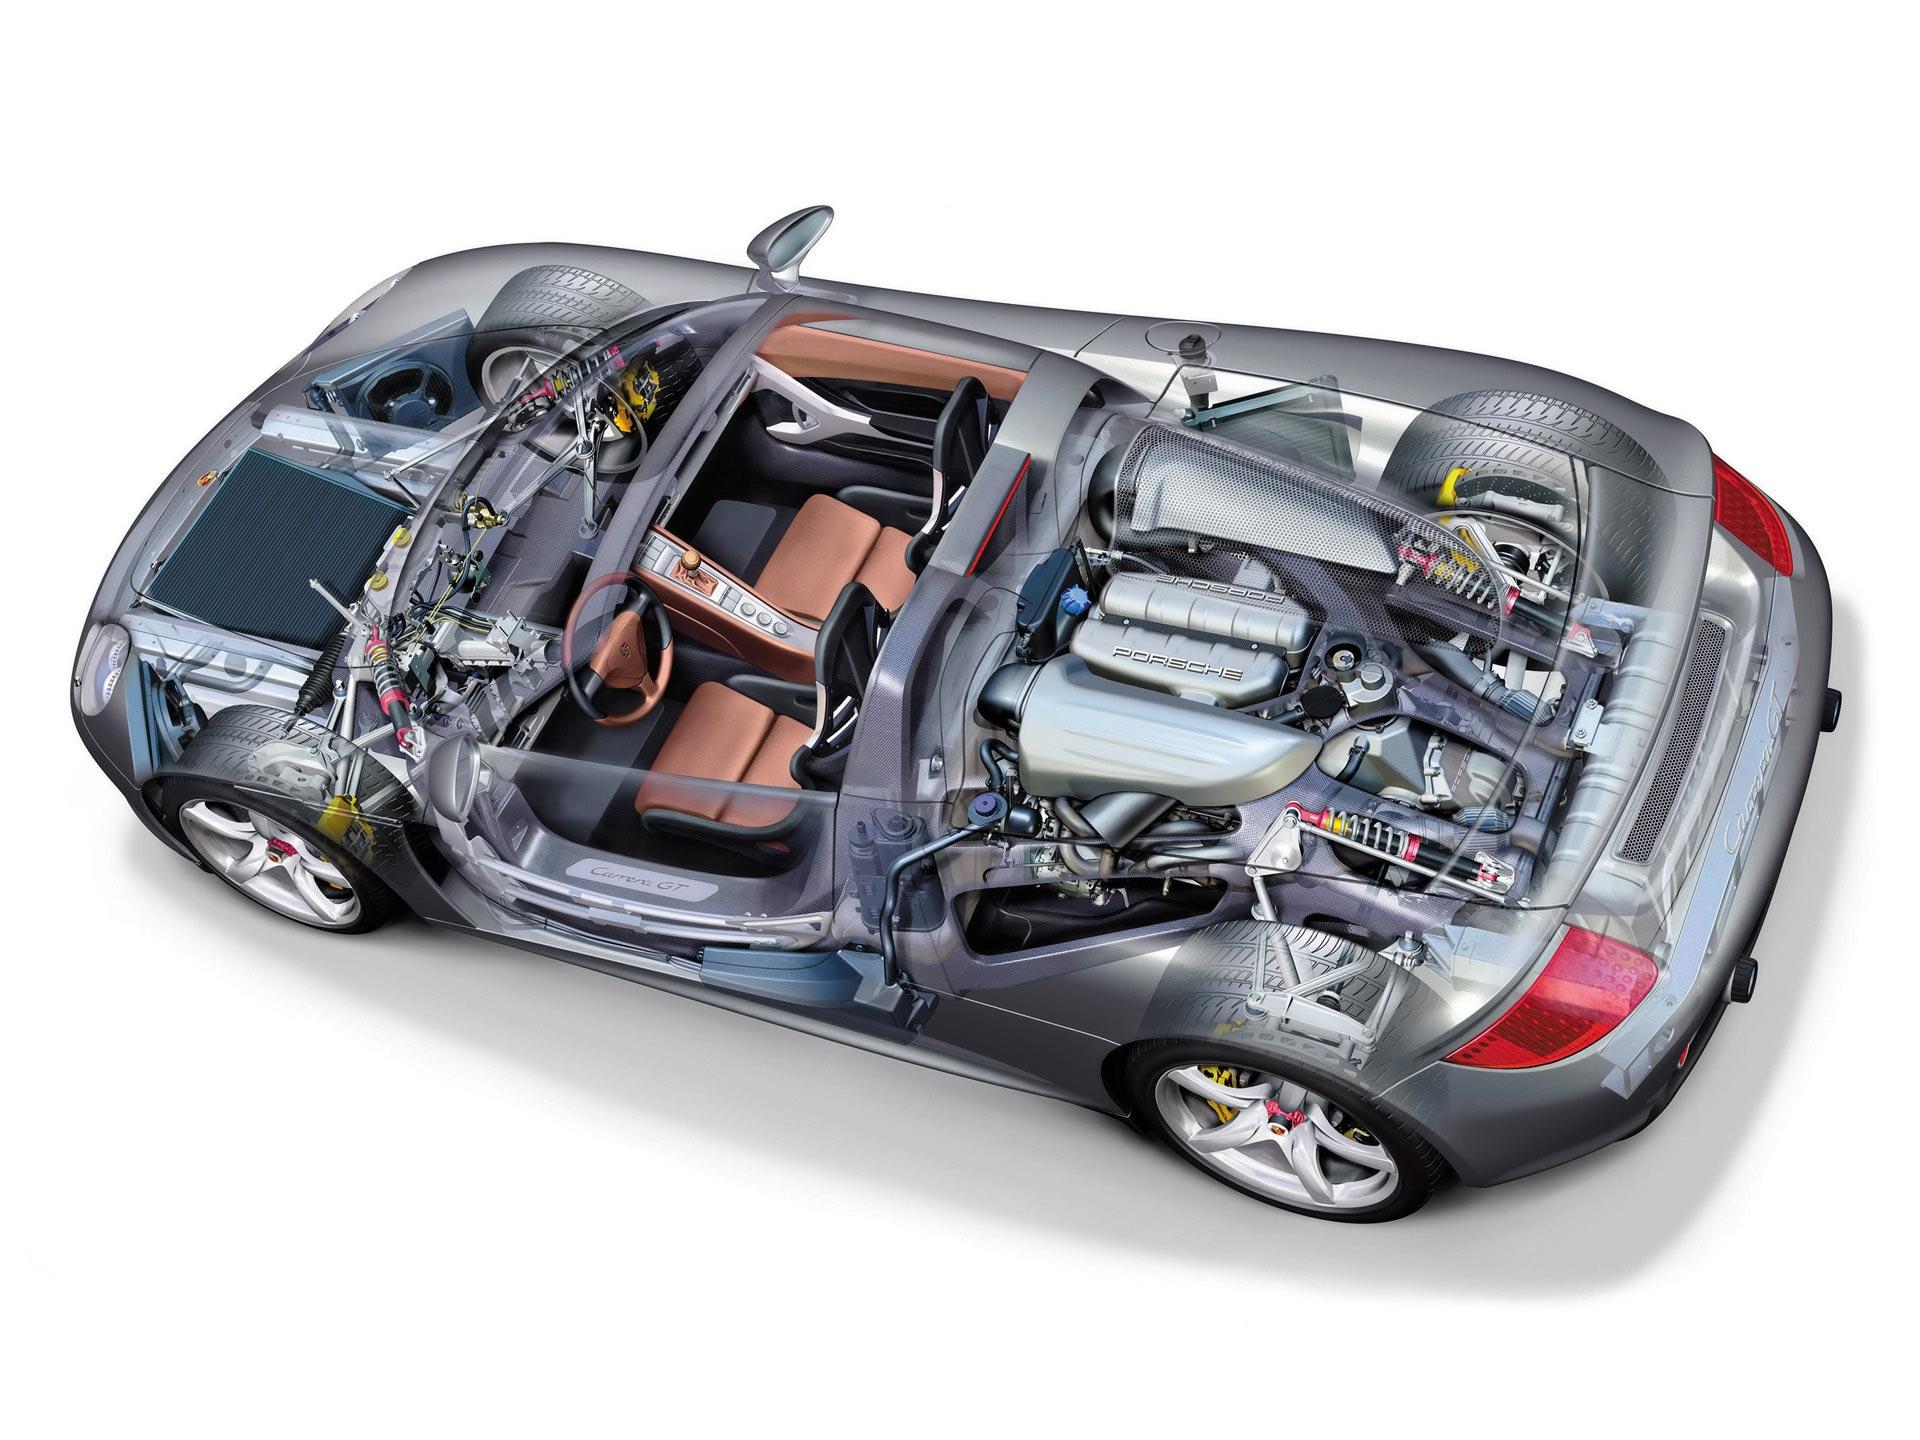 Porsche Carrera GT cutaway